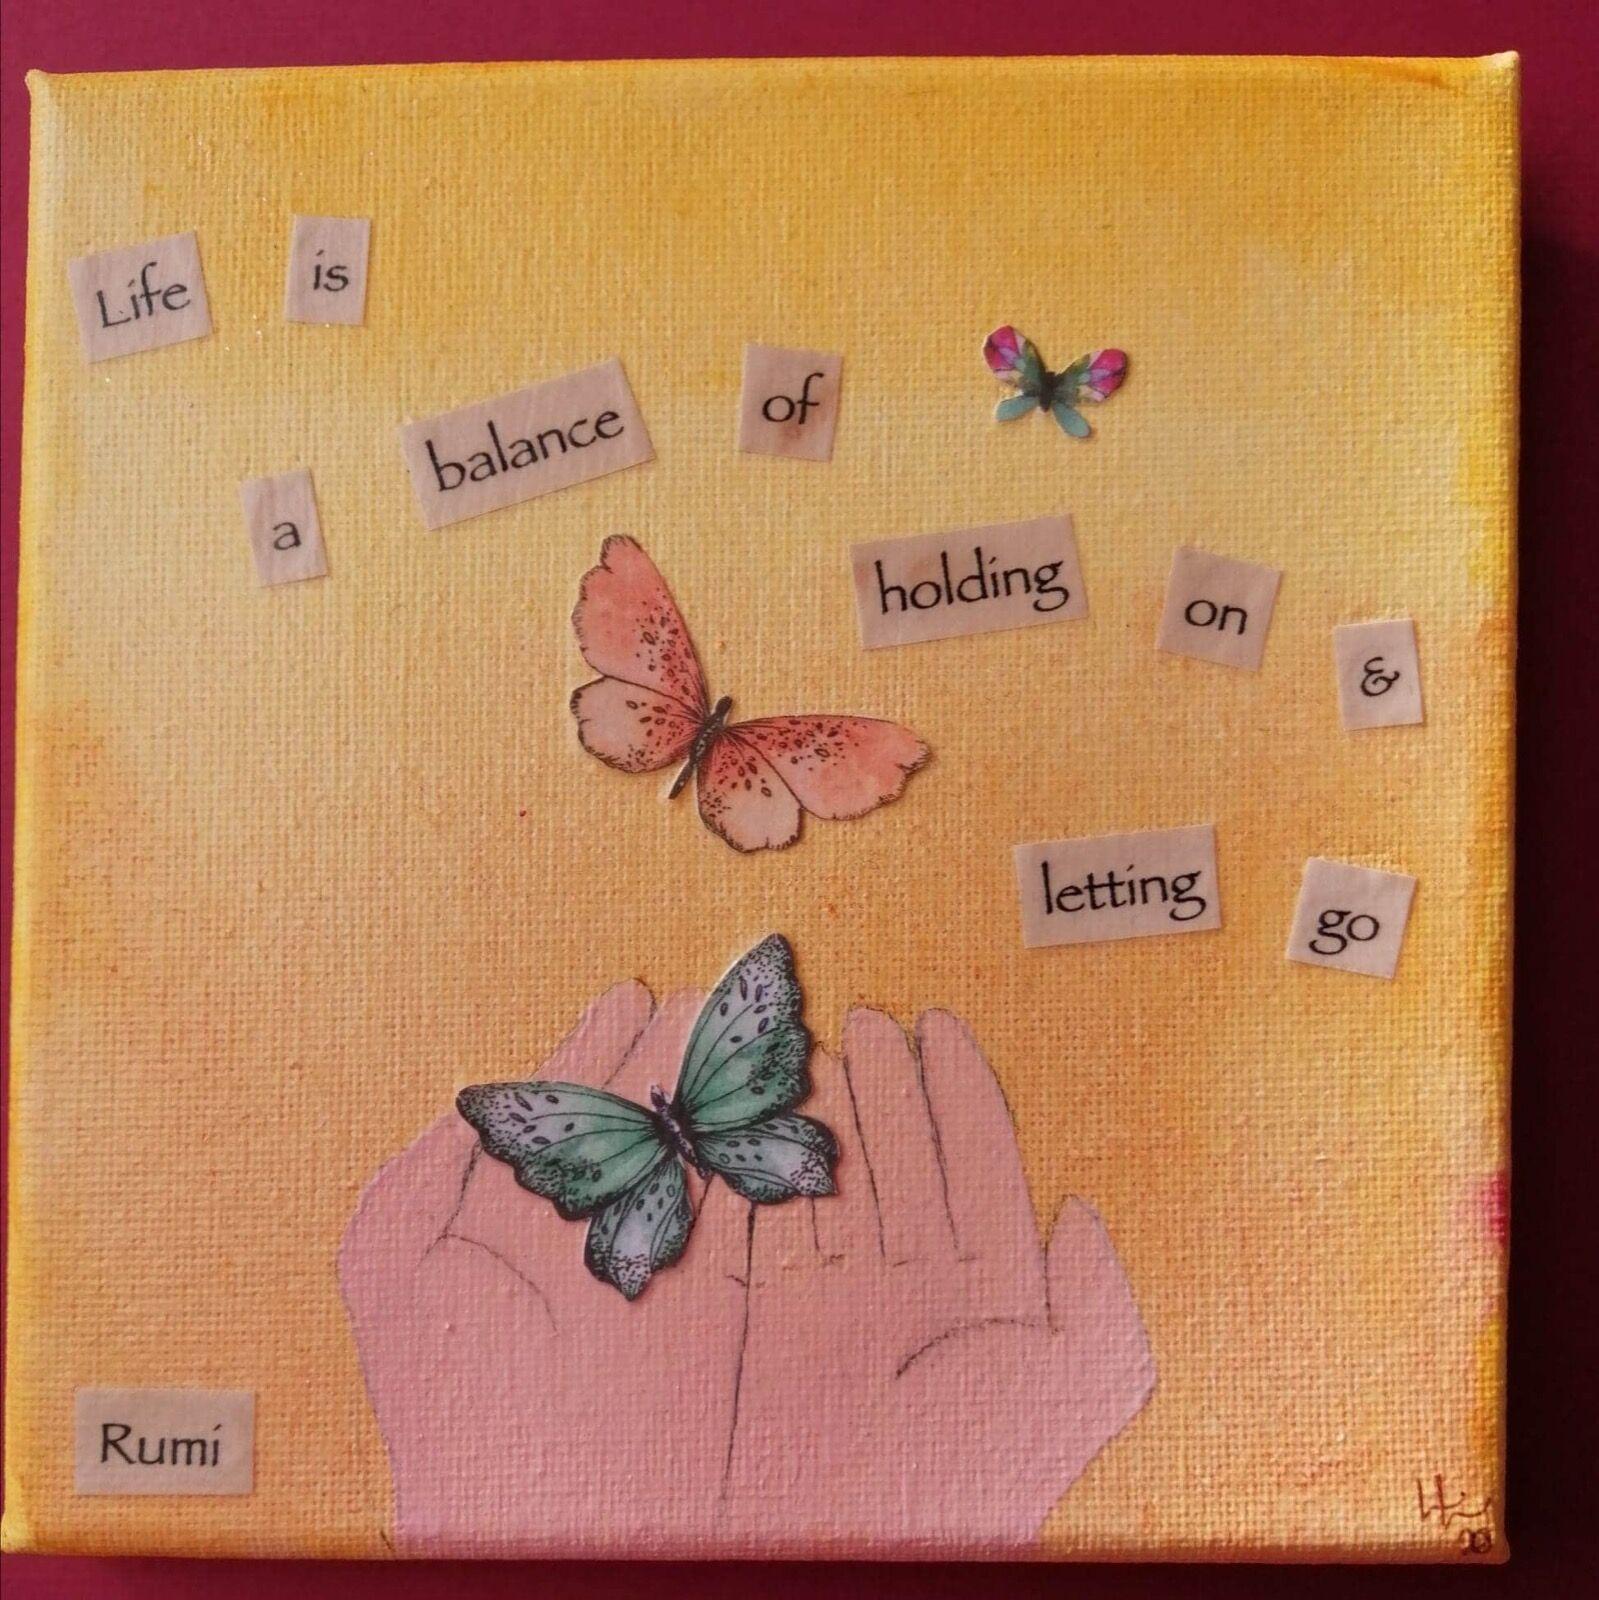 Rumi 'Balance'